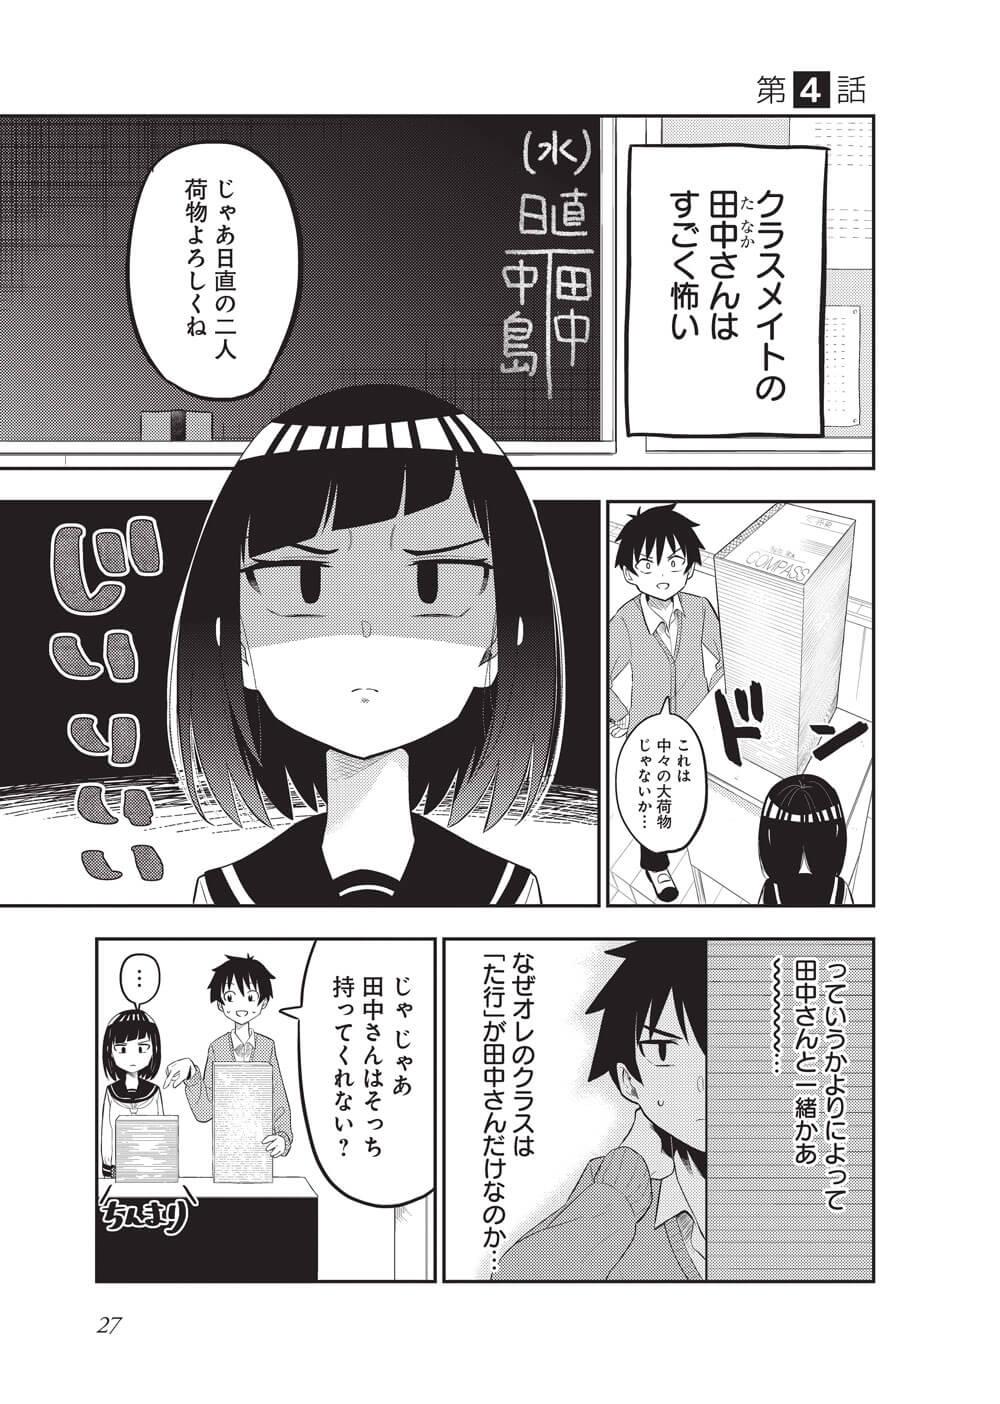 クラスメイトの田中さんはすごく怖い-4-1